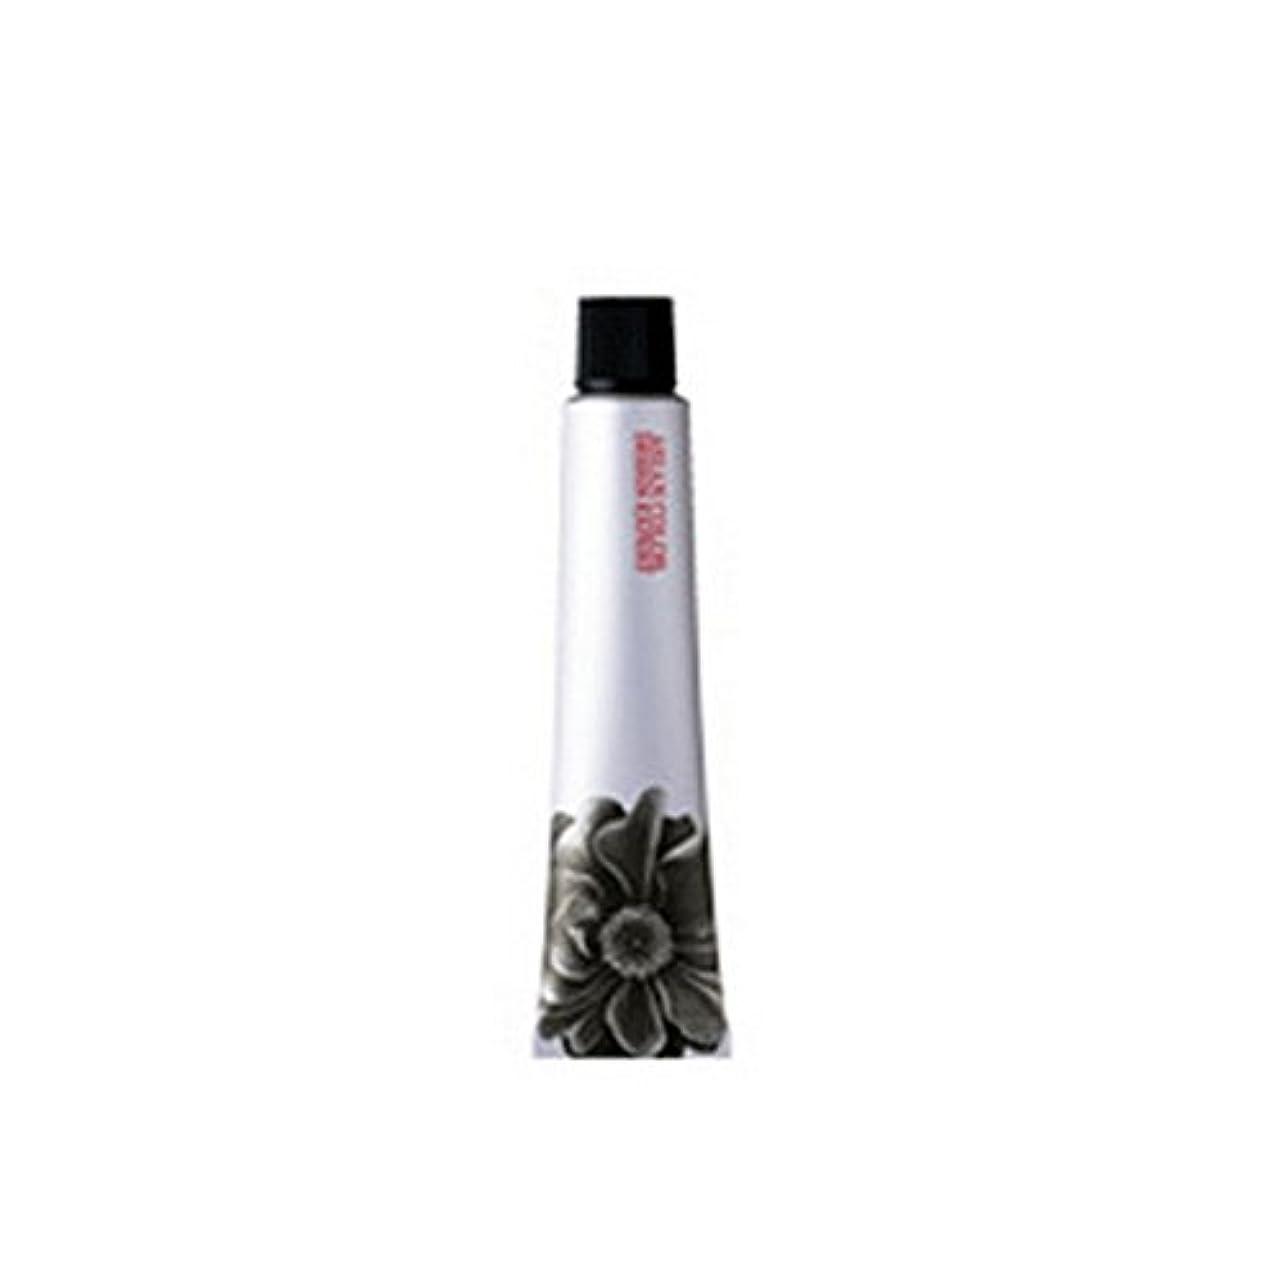 アリミノ arimino アジアンカラー アルカリタイプ85g 1剤【医薬部外品】【業務用】 OLIVE オリーブ 11